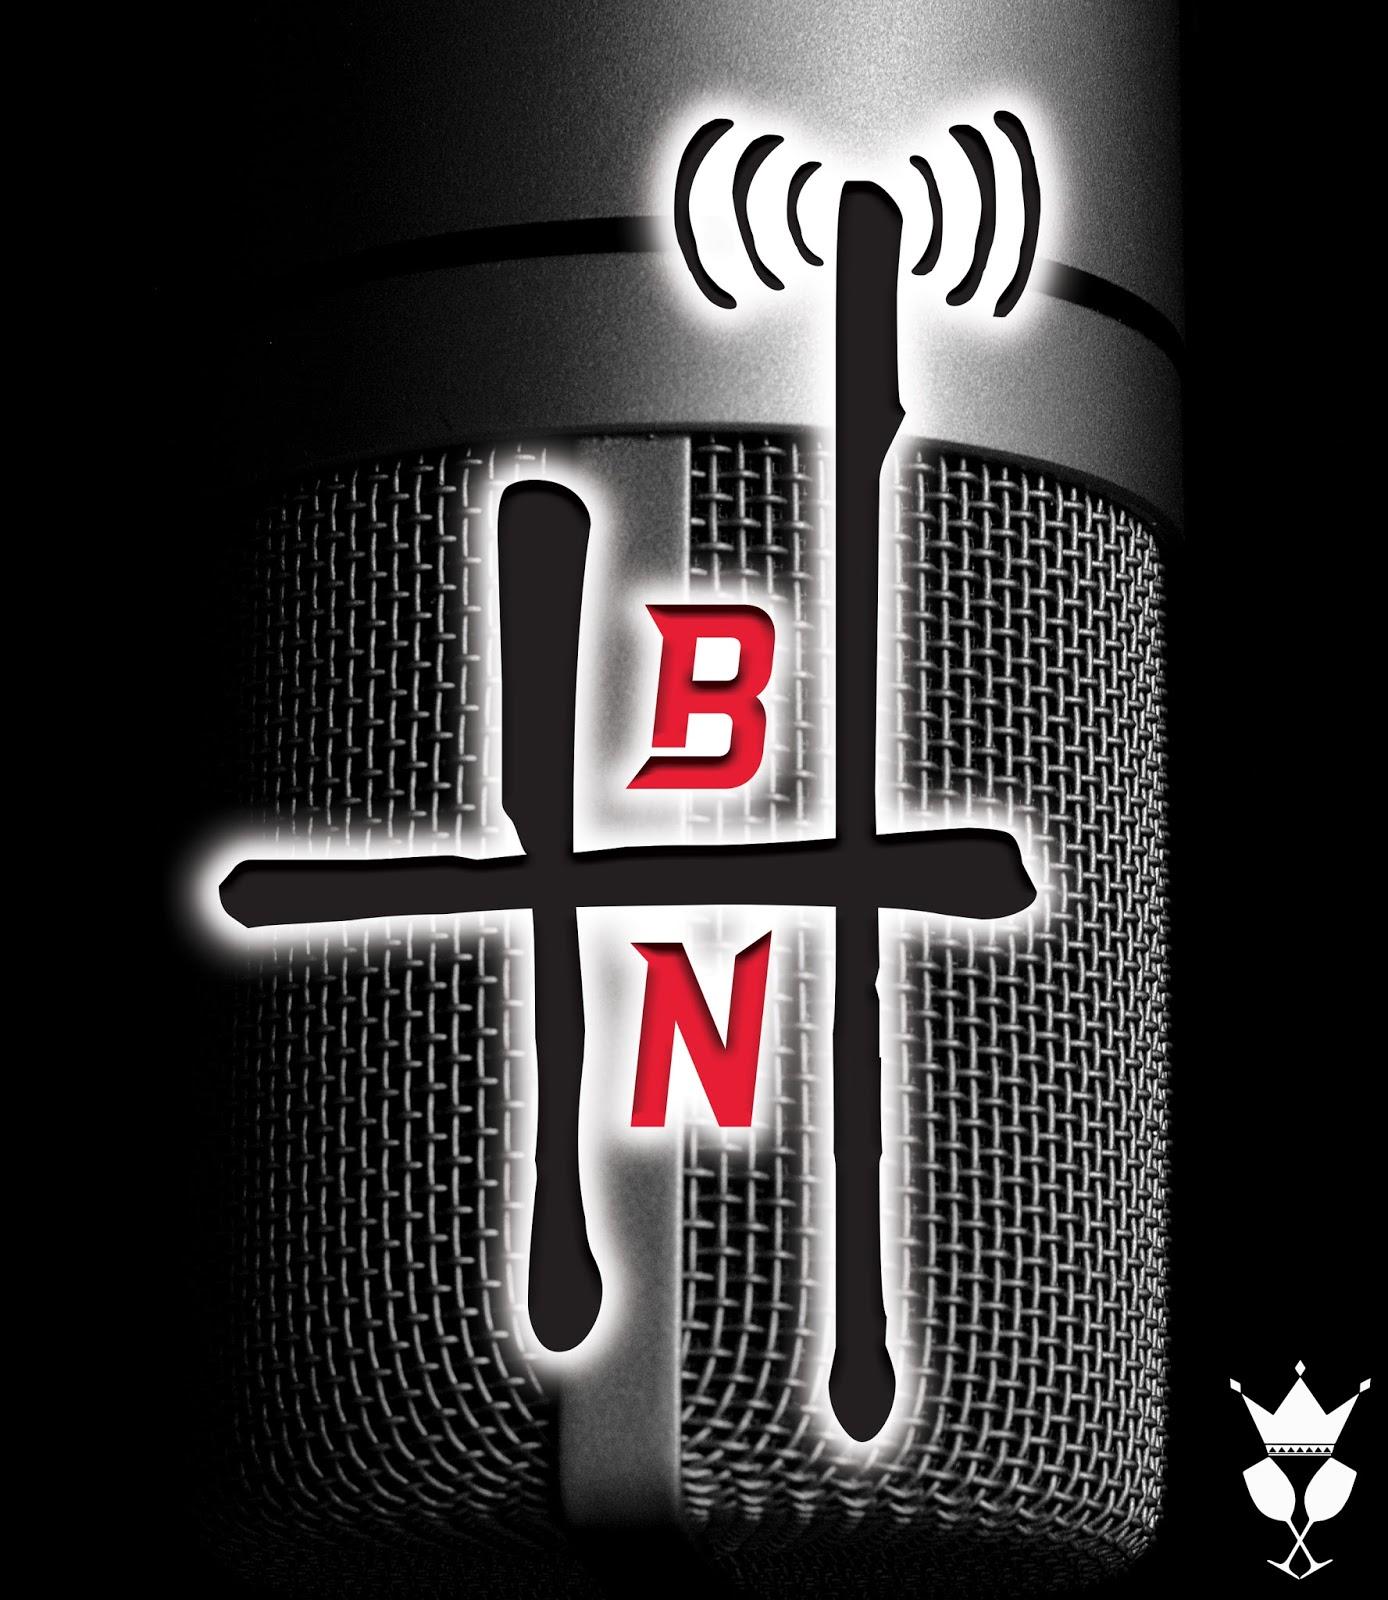 HBN.jpg